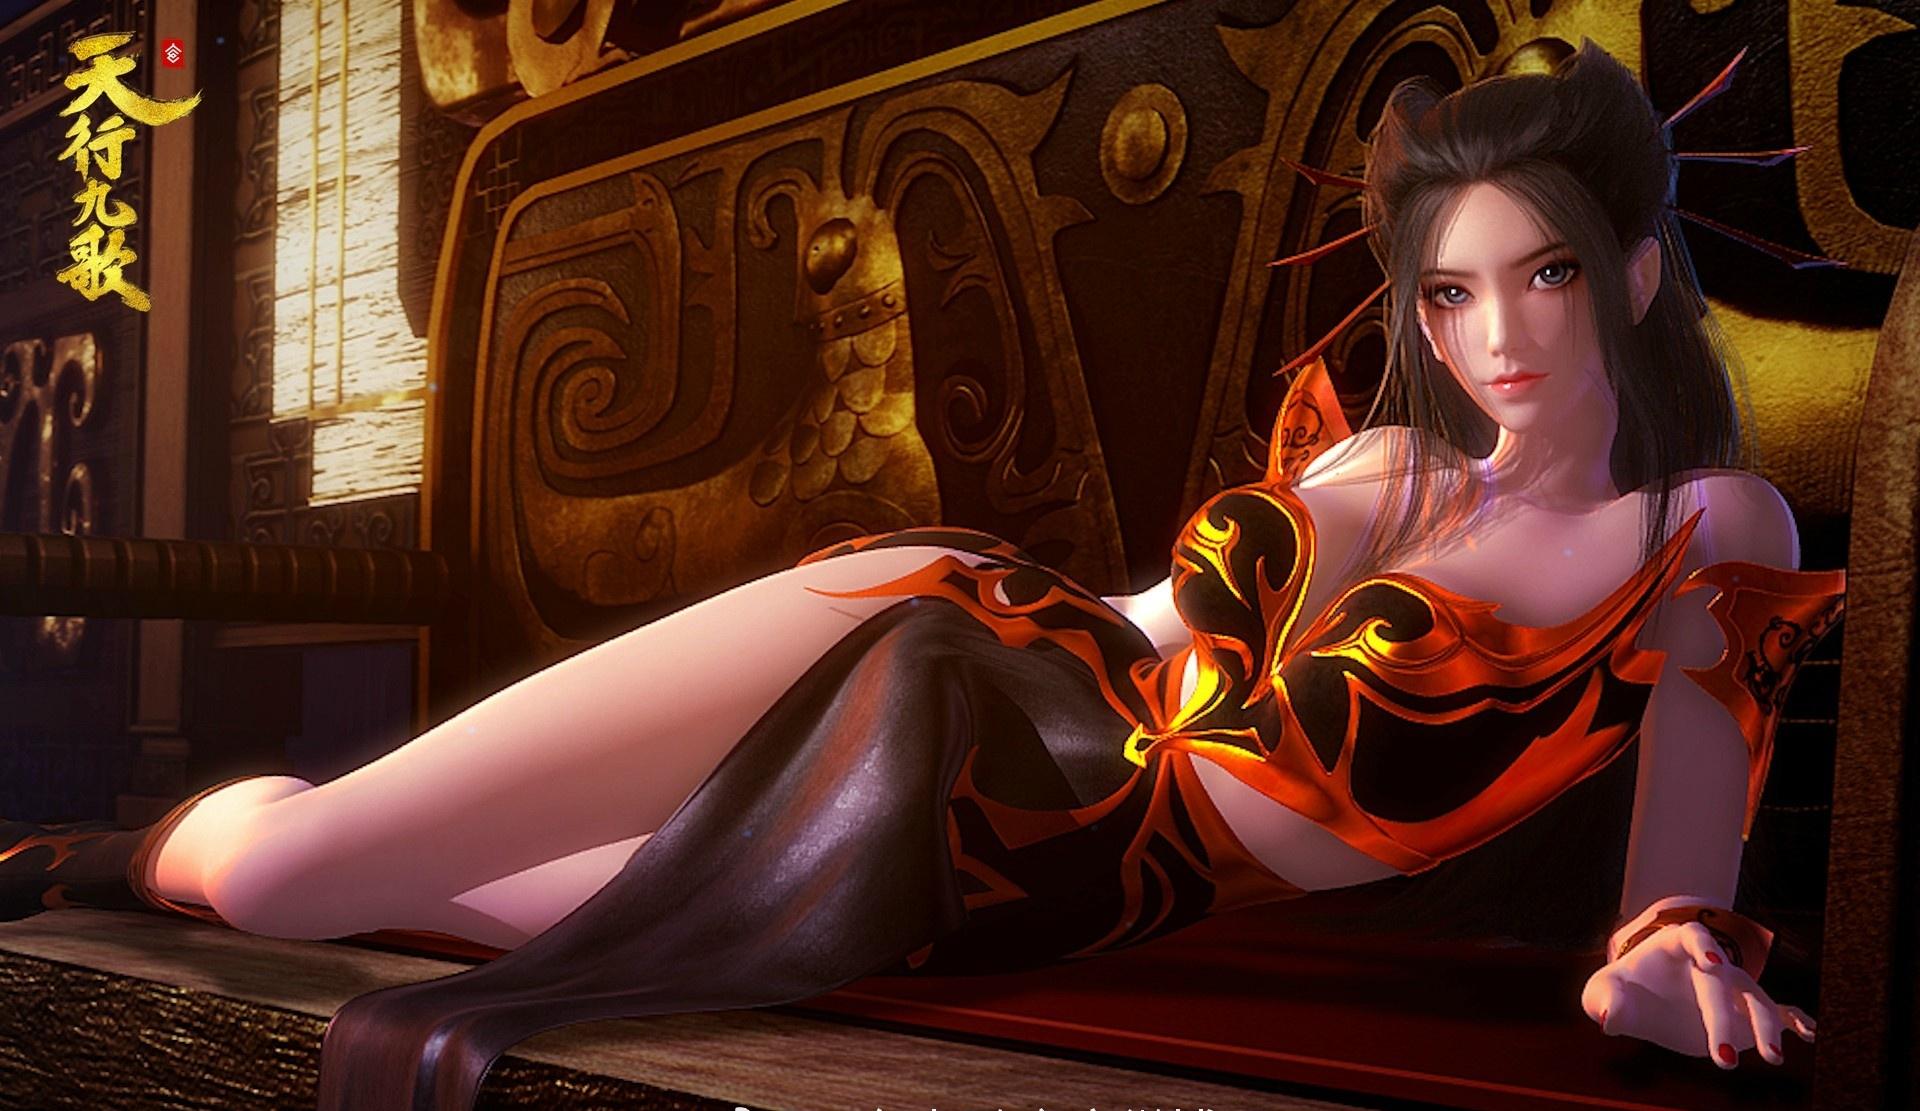 焰灵姬/红莲 - 天行九歌 - 一波可以当一年桌面背景的图片